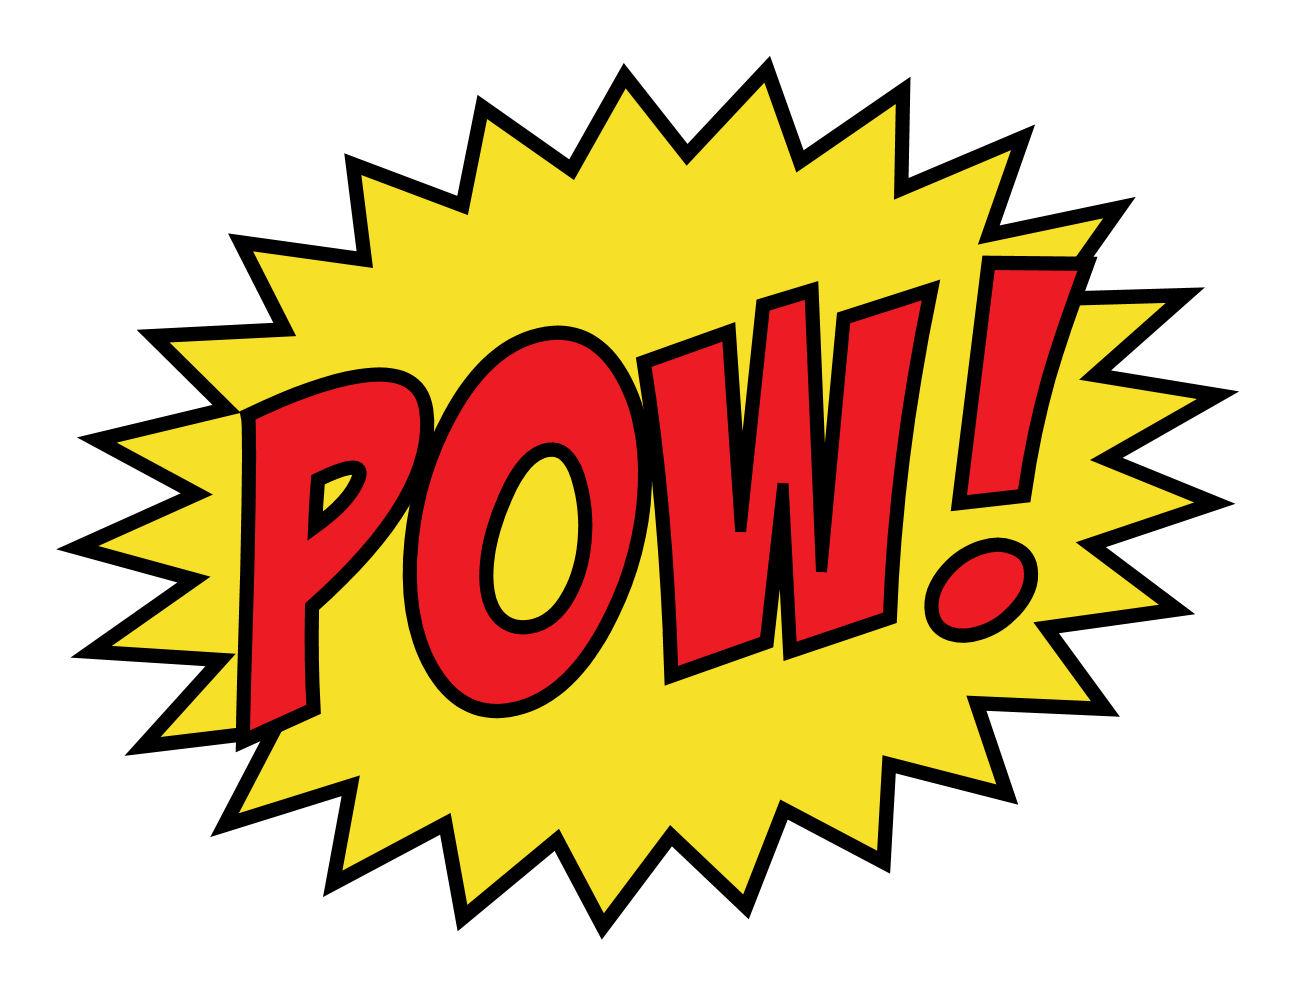 Batman clipart boom #3